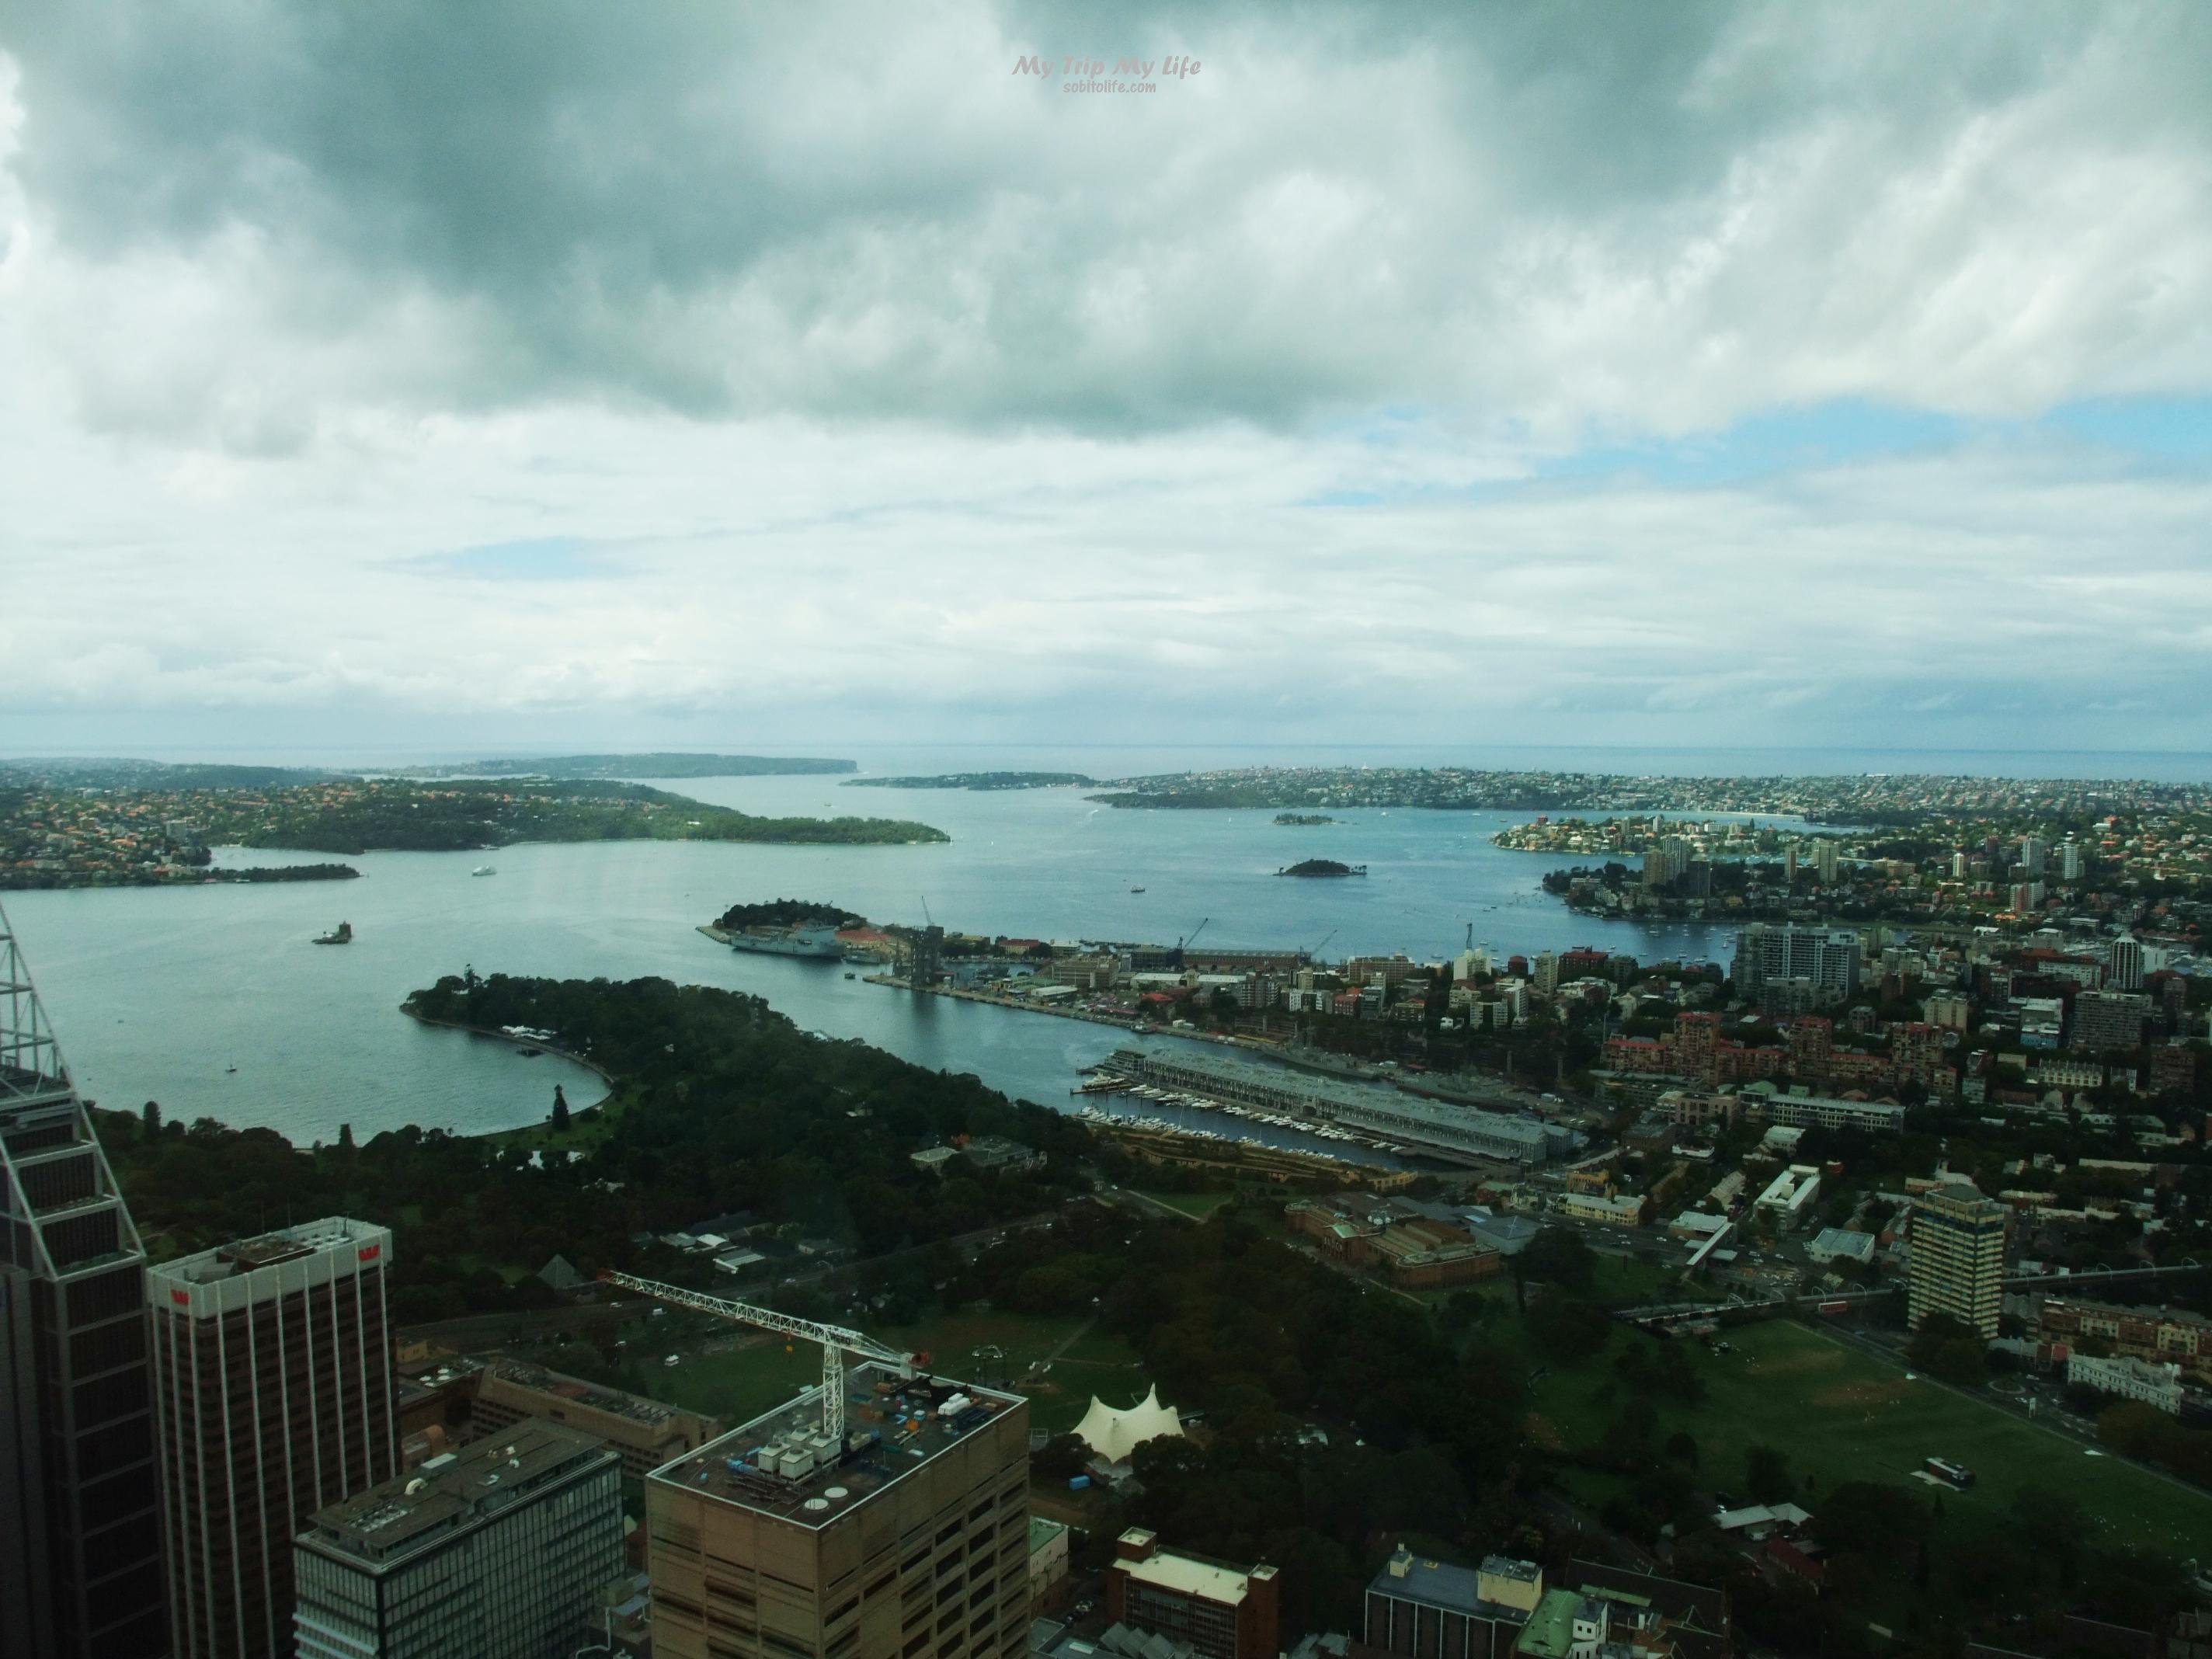 【澳洲旅行】雪梨塔自助餐、聖母主教座堂 @MY TRIP ‧ MY LIFE